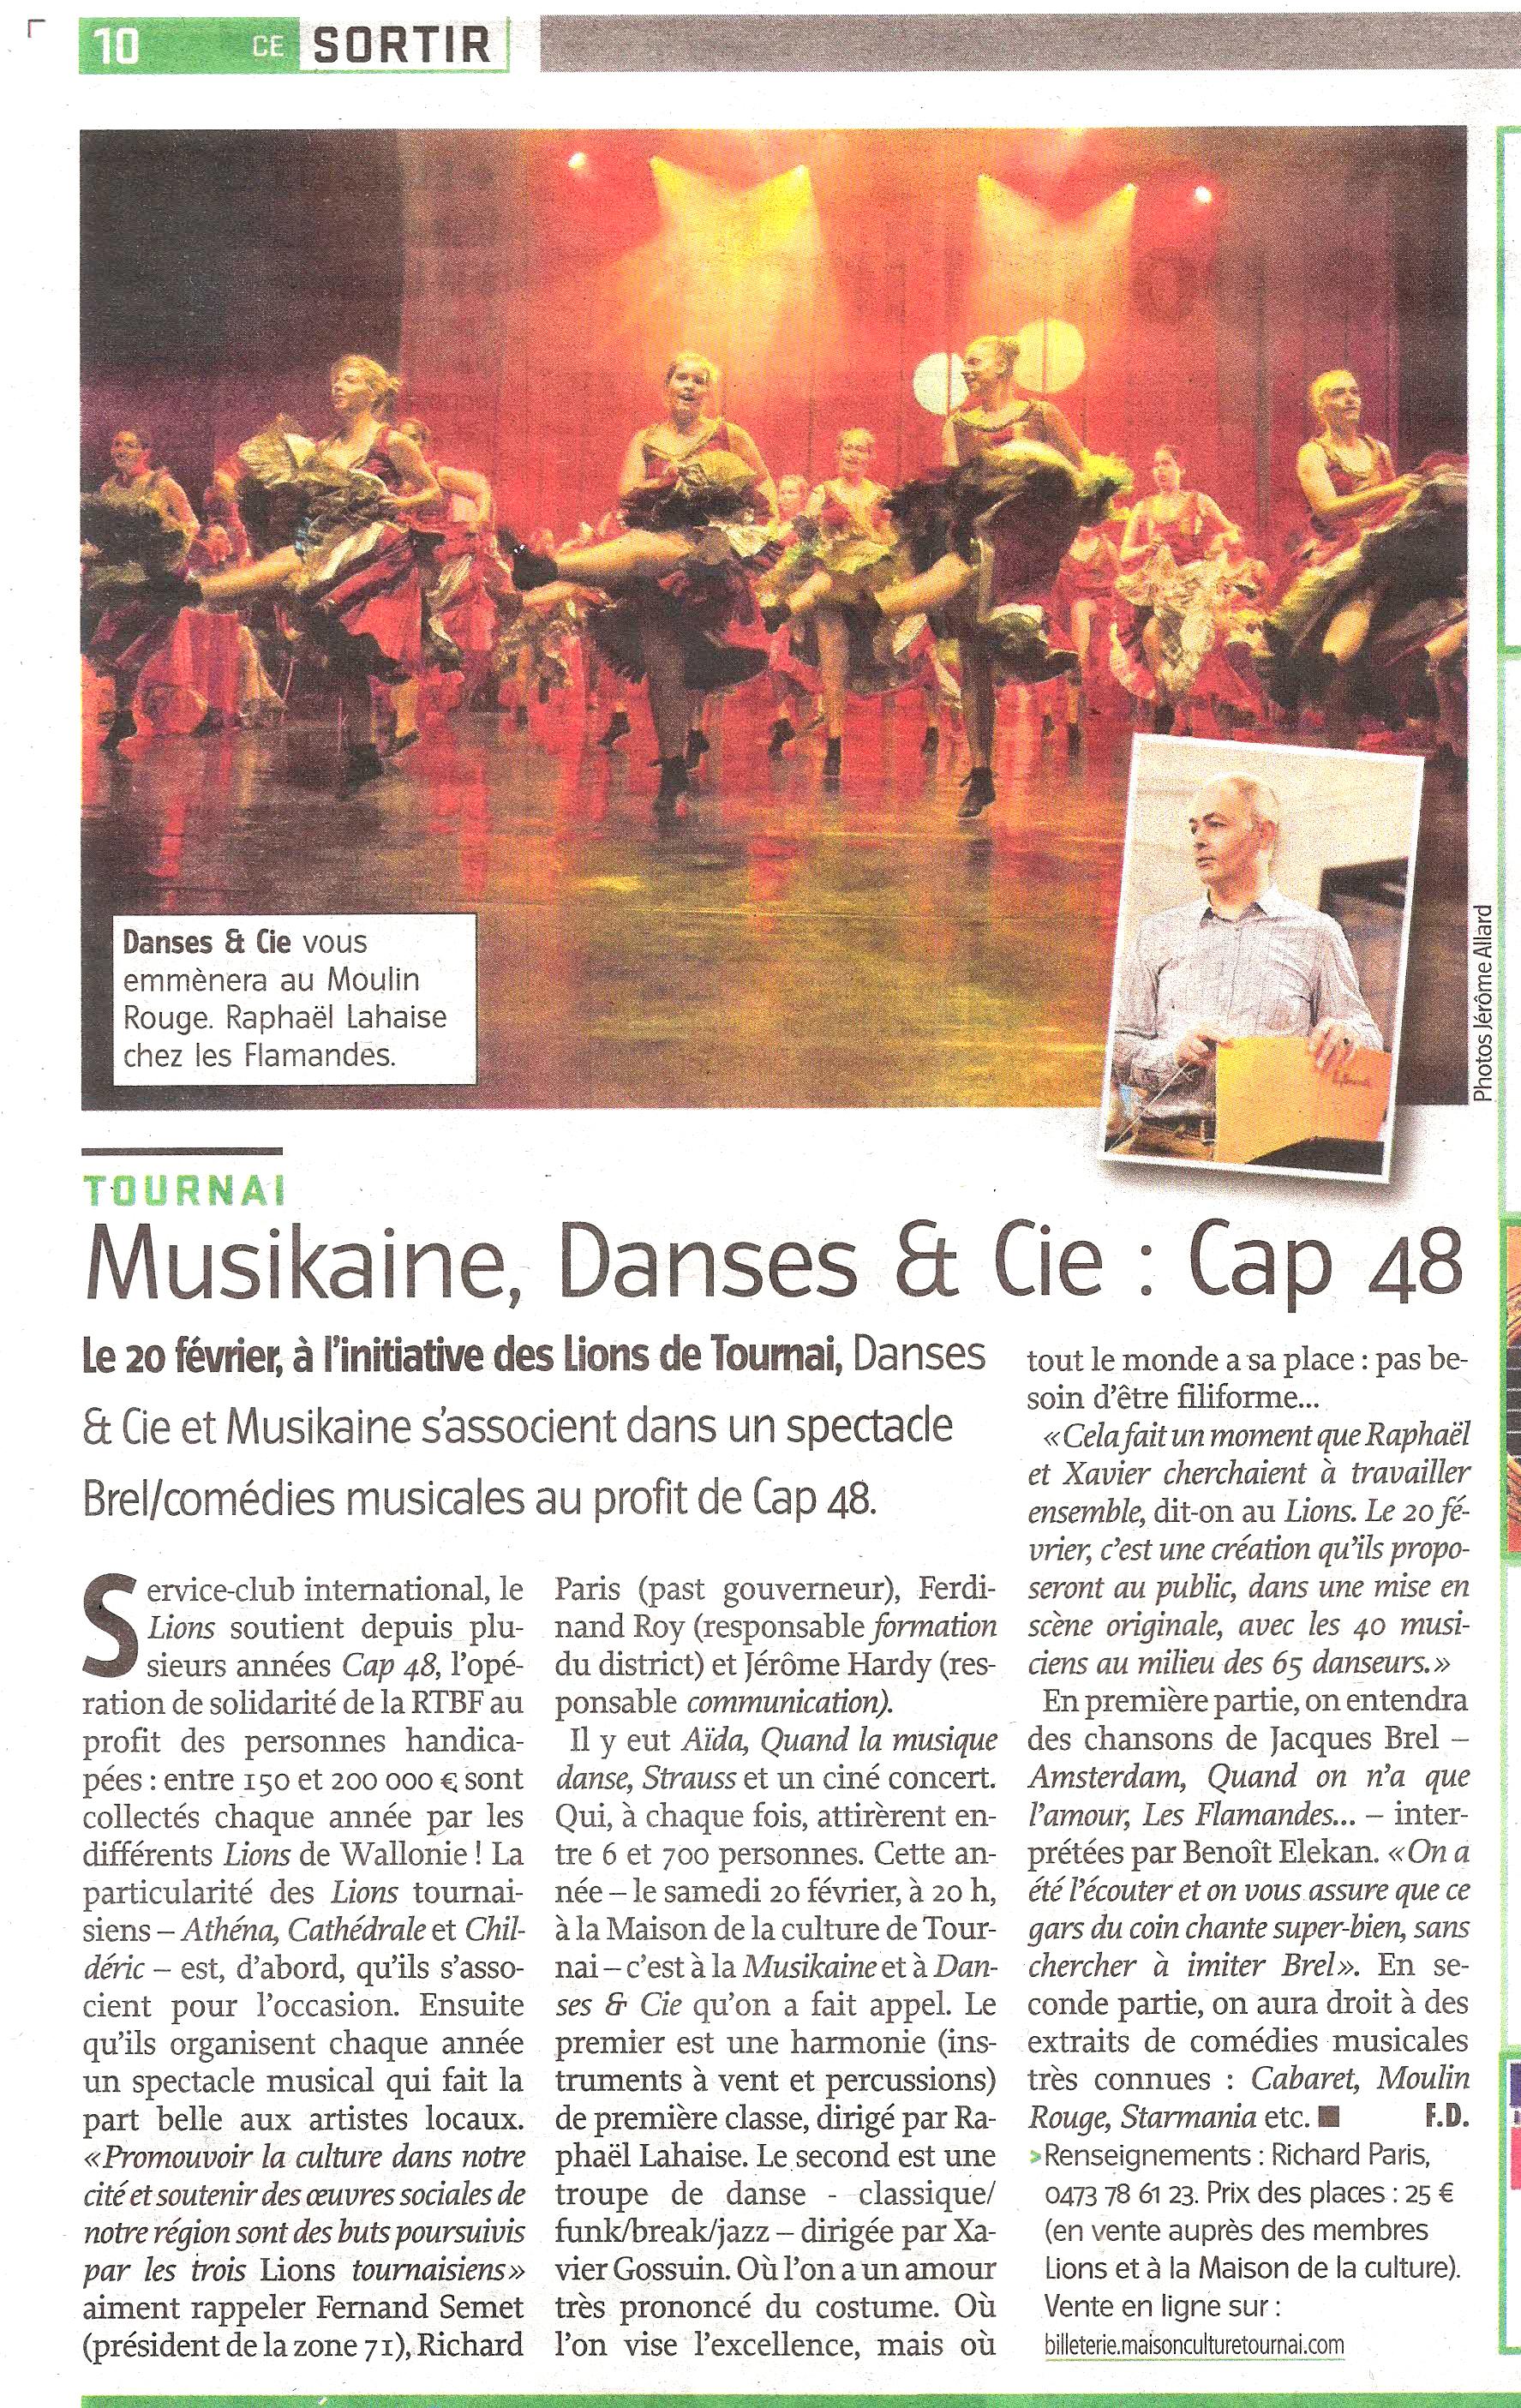 20160204 Courrier Musikaine et danses et cie